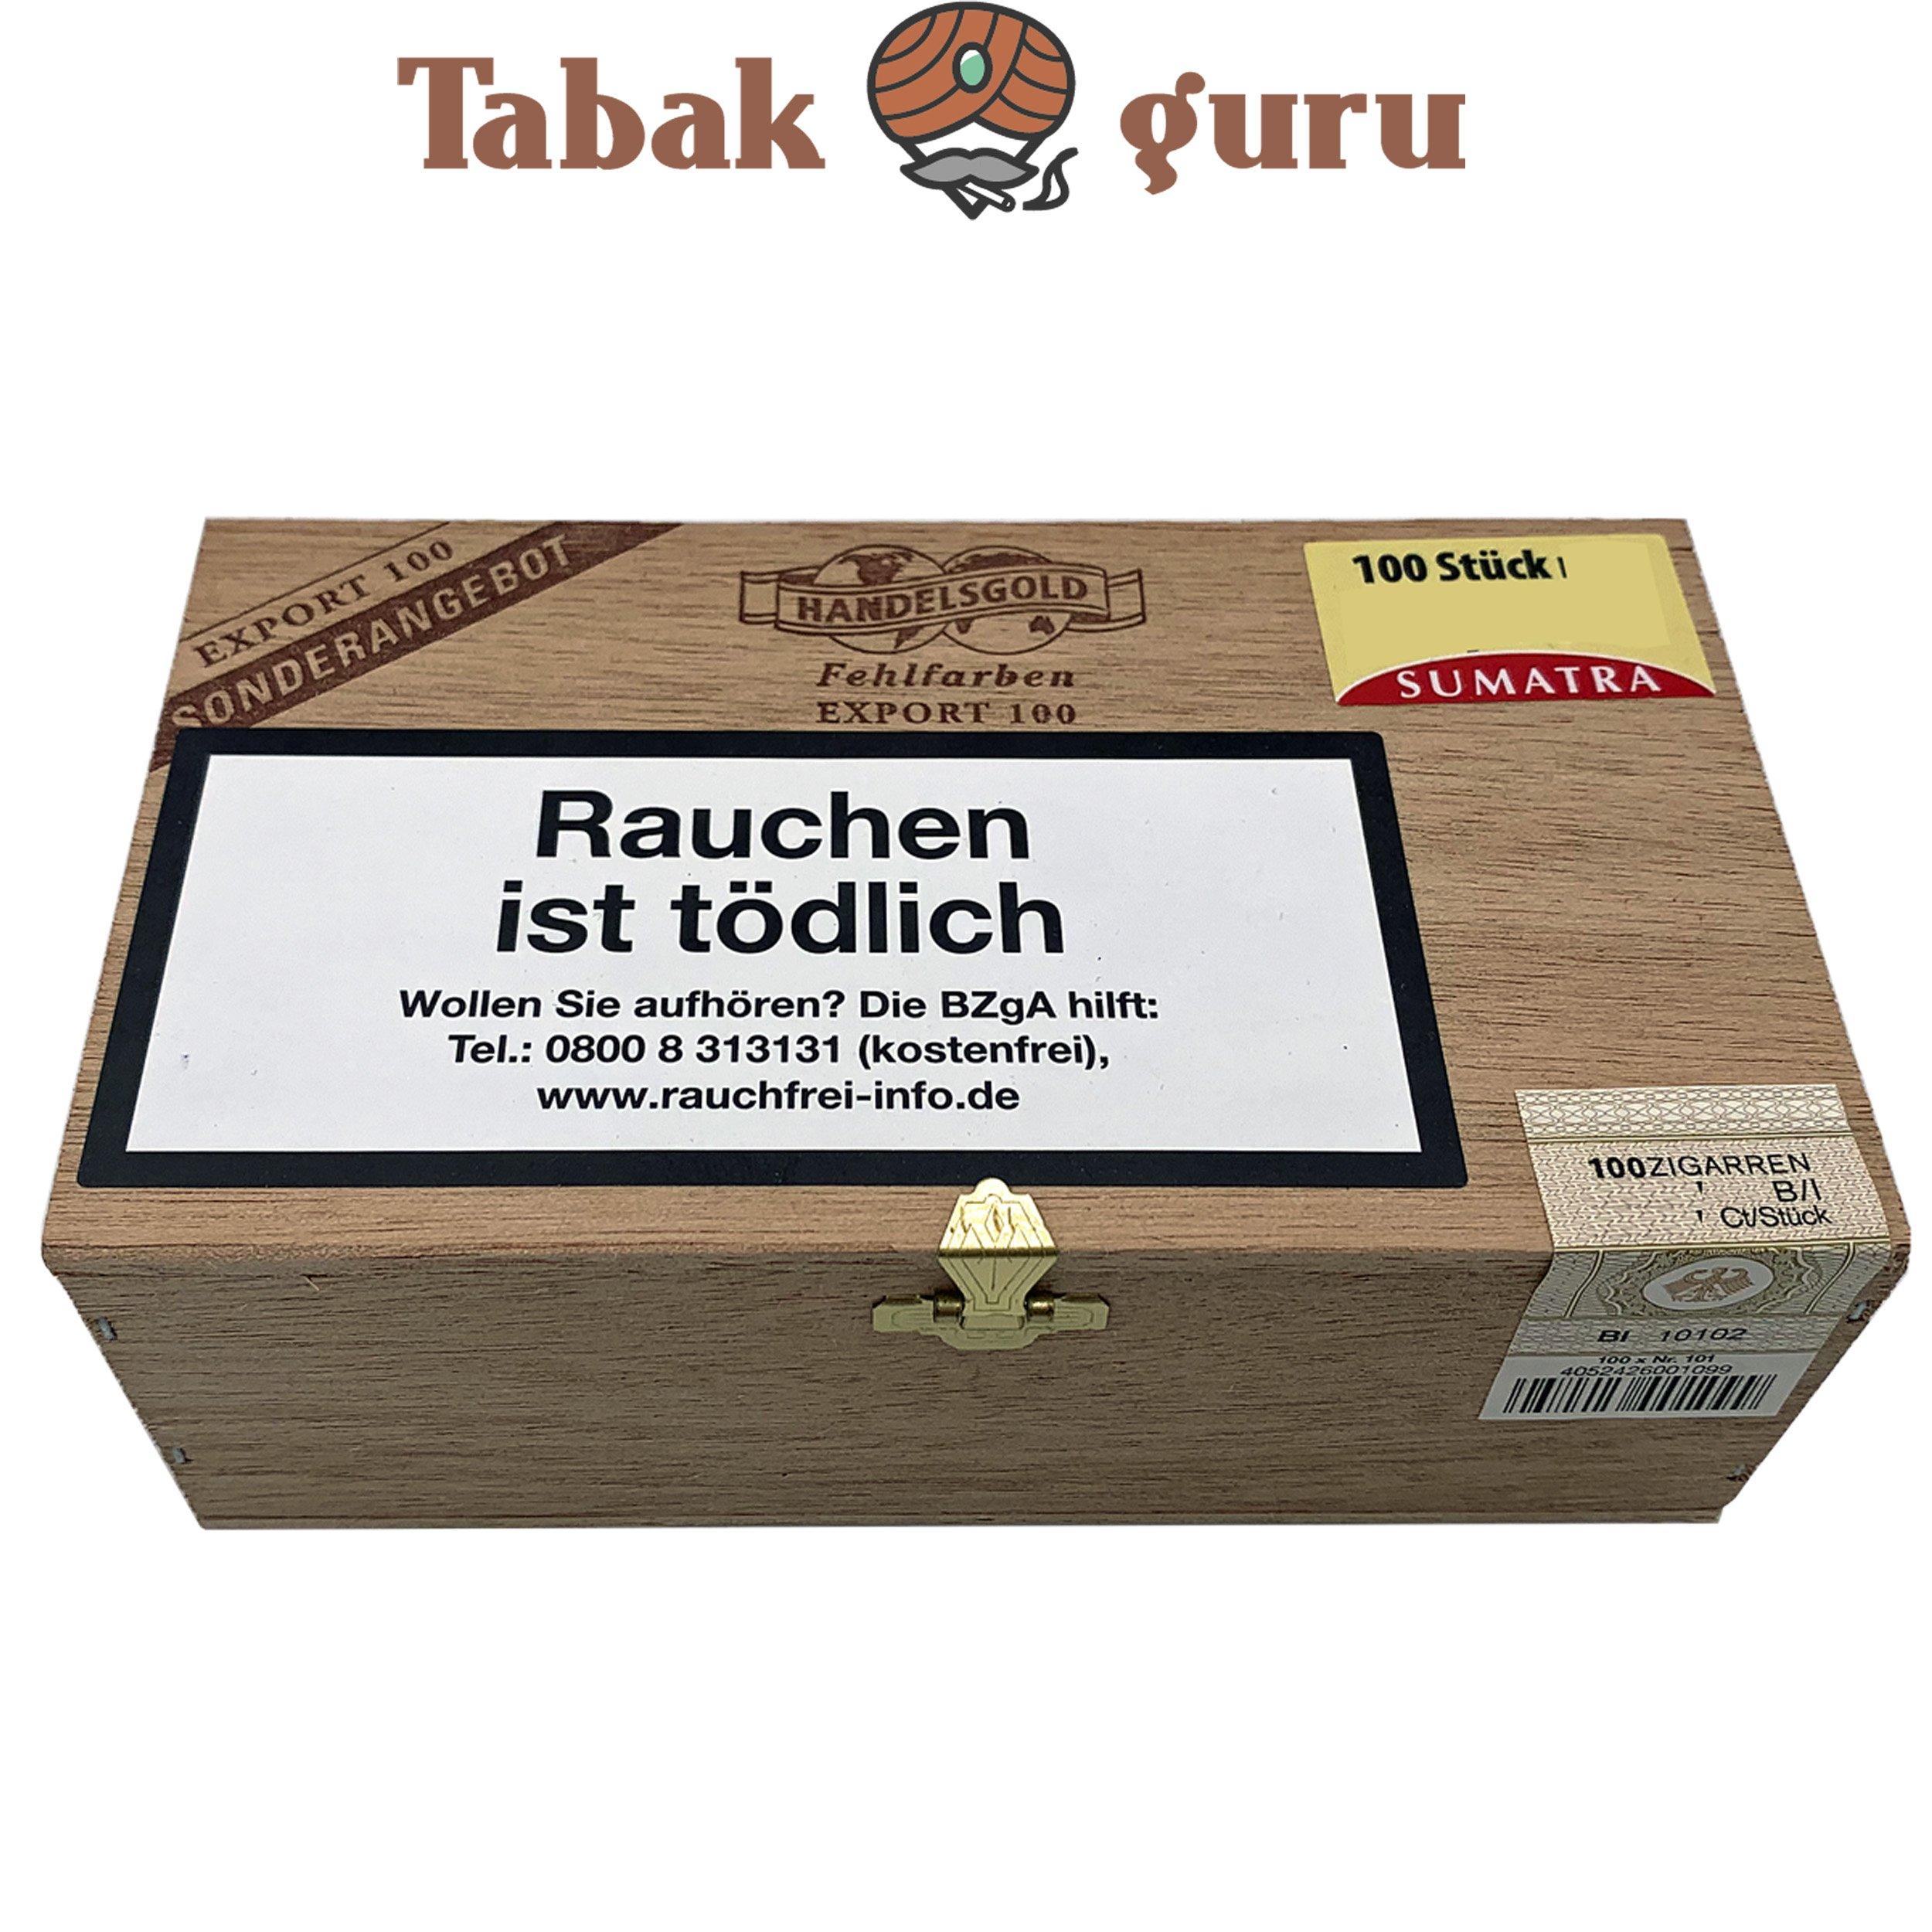 Handelsgold Fehlfarben Export 100 Sumatra 100 Zigarillos